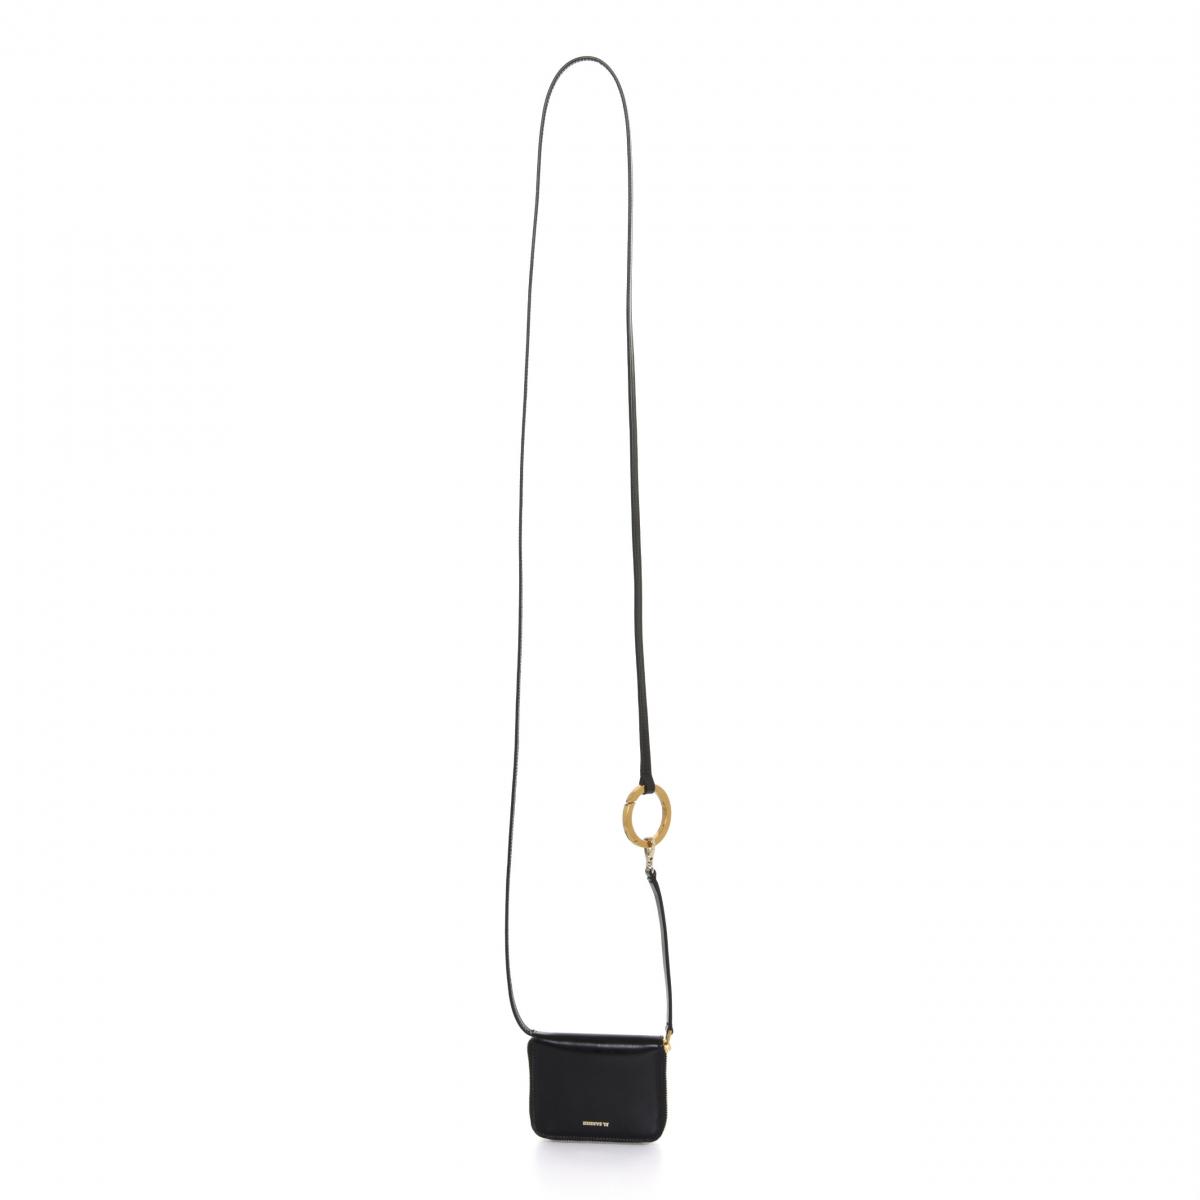 財布「フックジップアラウンドウォレット スモール」¥58,000/オンワードグローバルファッション(ジル・サンダー)